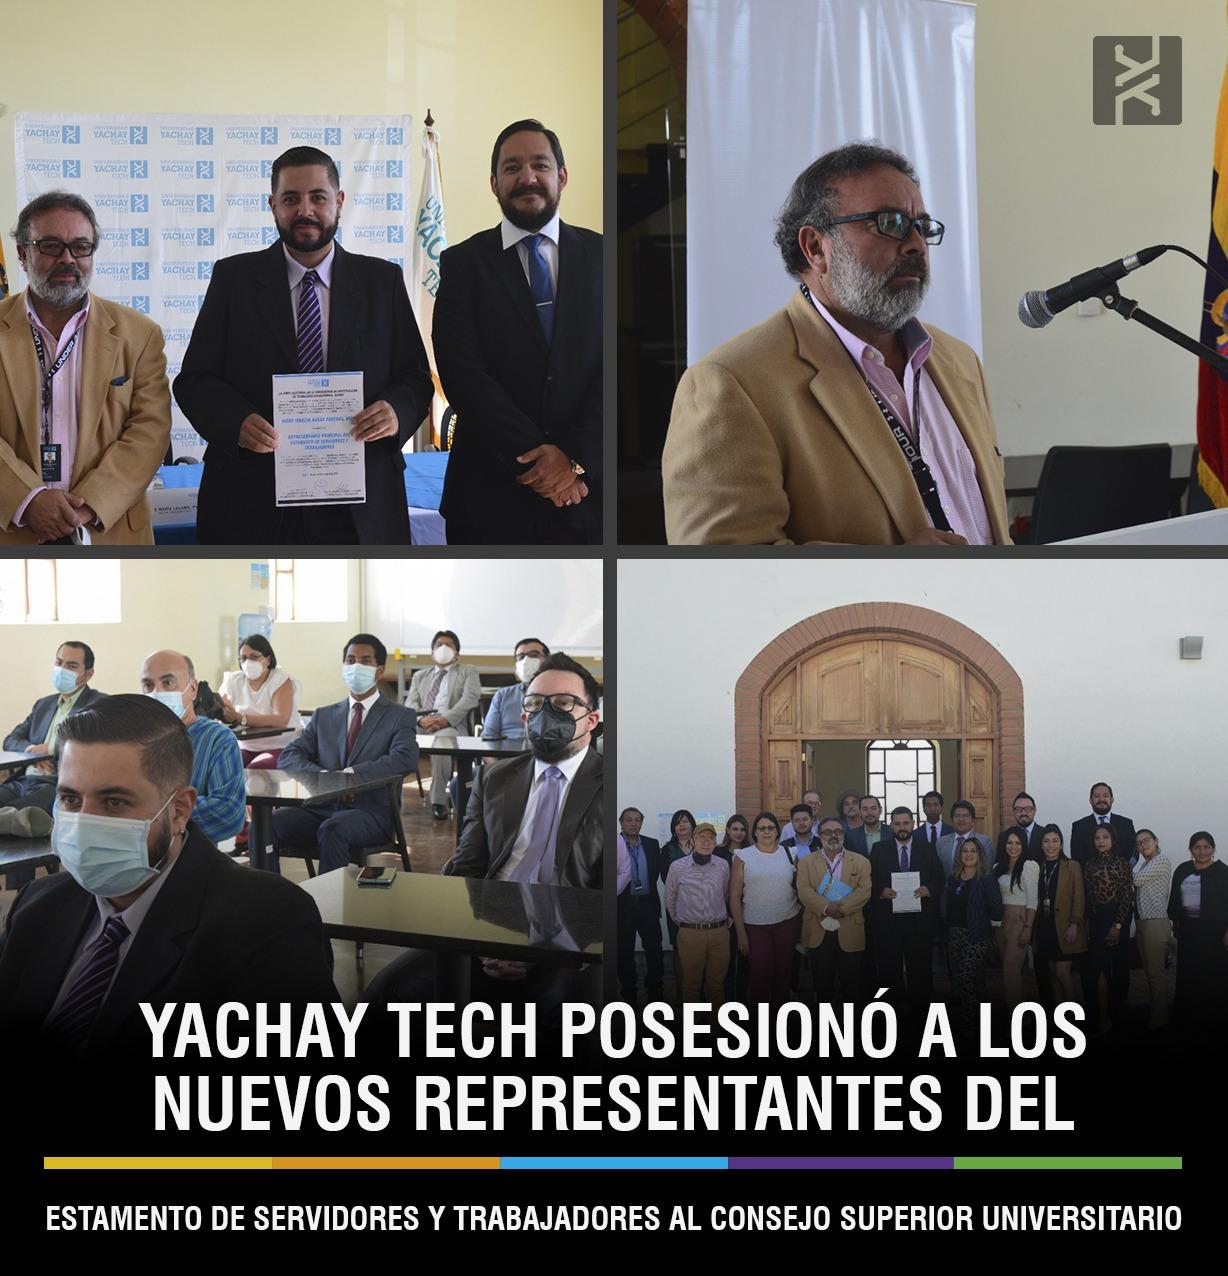 YACHAY TECH POSESIONÓ A LOS NUEVOS REPRESENTANTES DEL ESTAMENTO DE SERVIDORES Y TRABAJADORES AL CONSEJO SUPERIOR UNIVERSITARIO